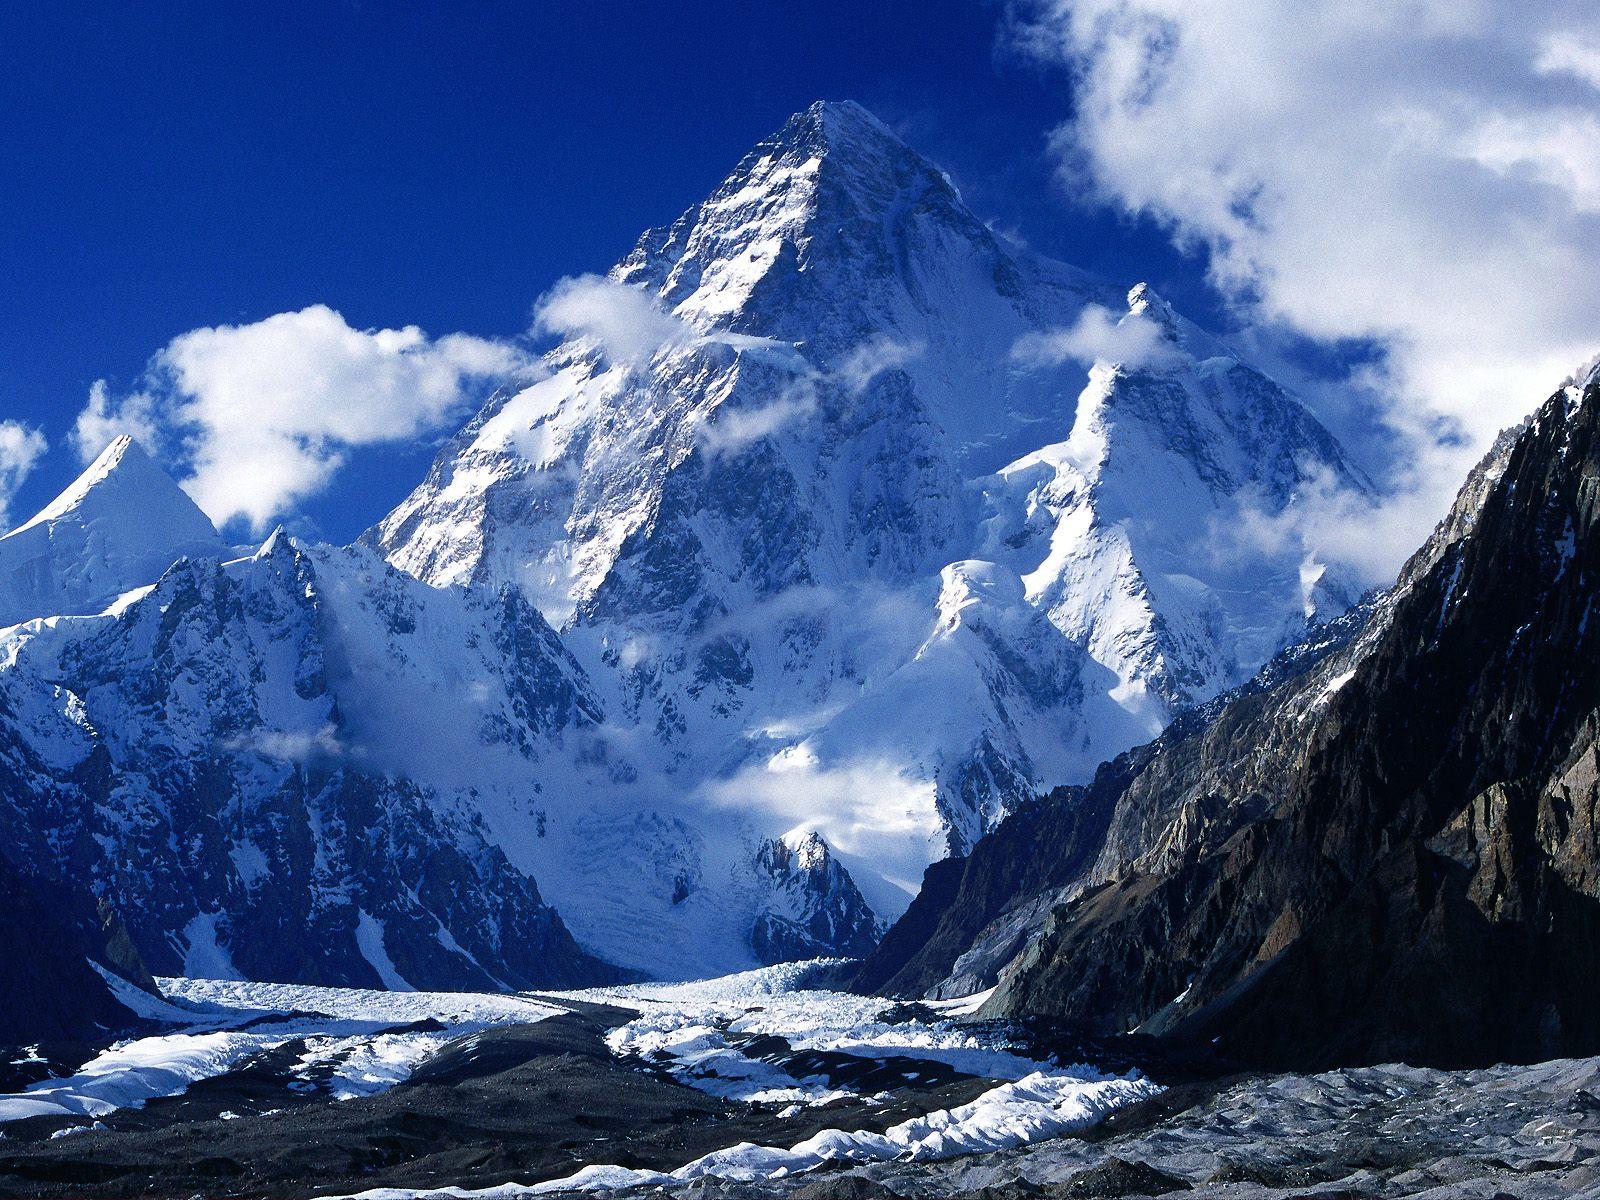 http://1.bp.blogspot.com/-ok2dp2-4txk/T56ngfouzxI/AAAAAAAAG-M/BcZkynb37CY/s1600/K2,+Pakistan-734480.jpg